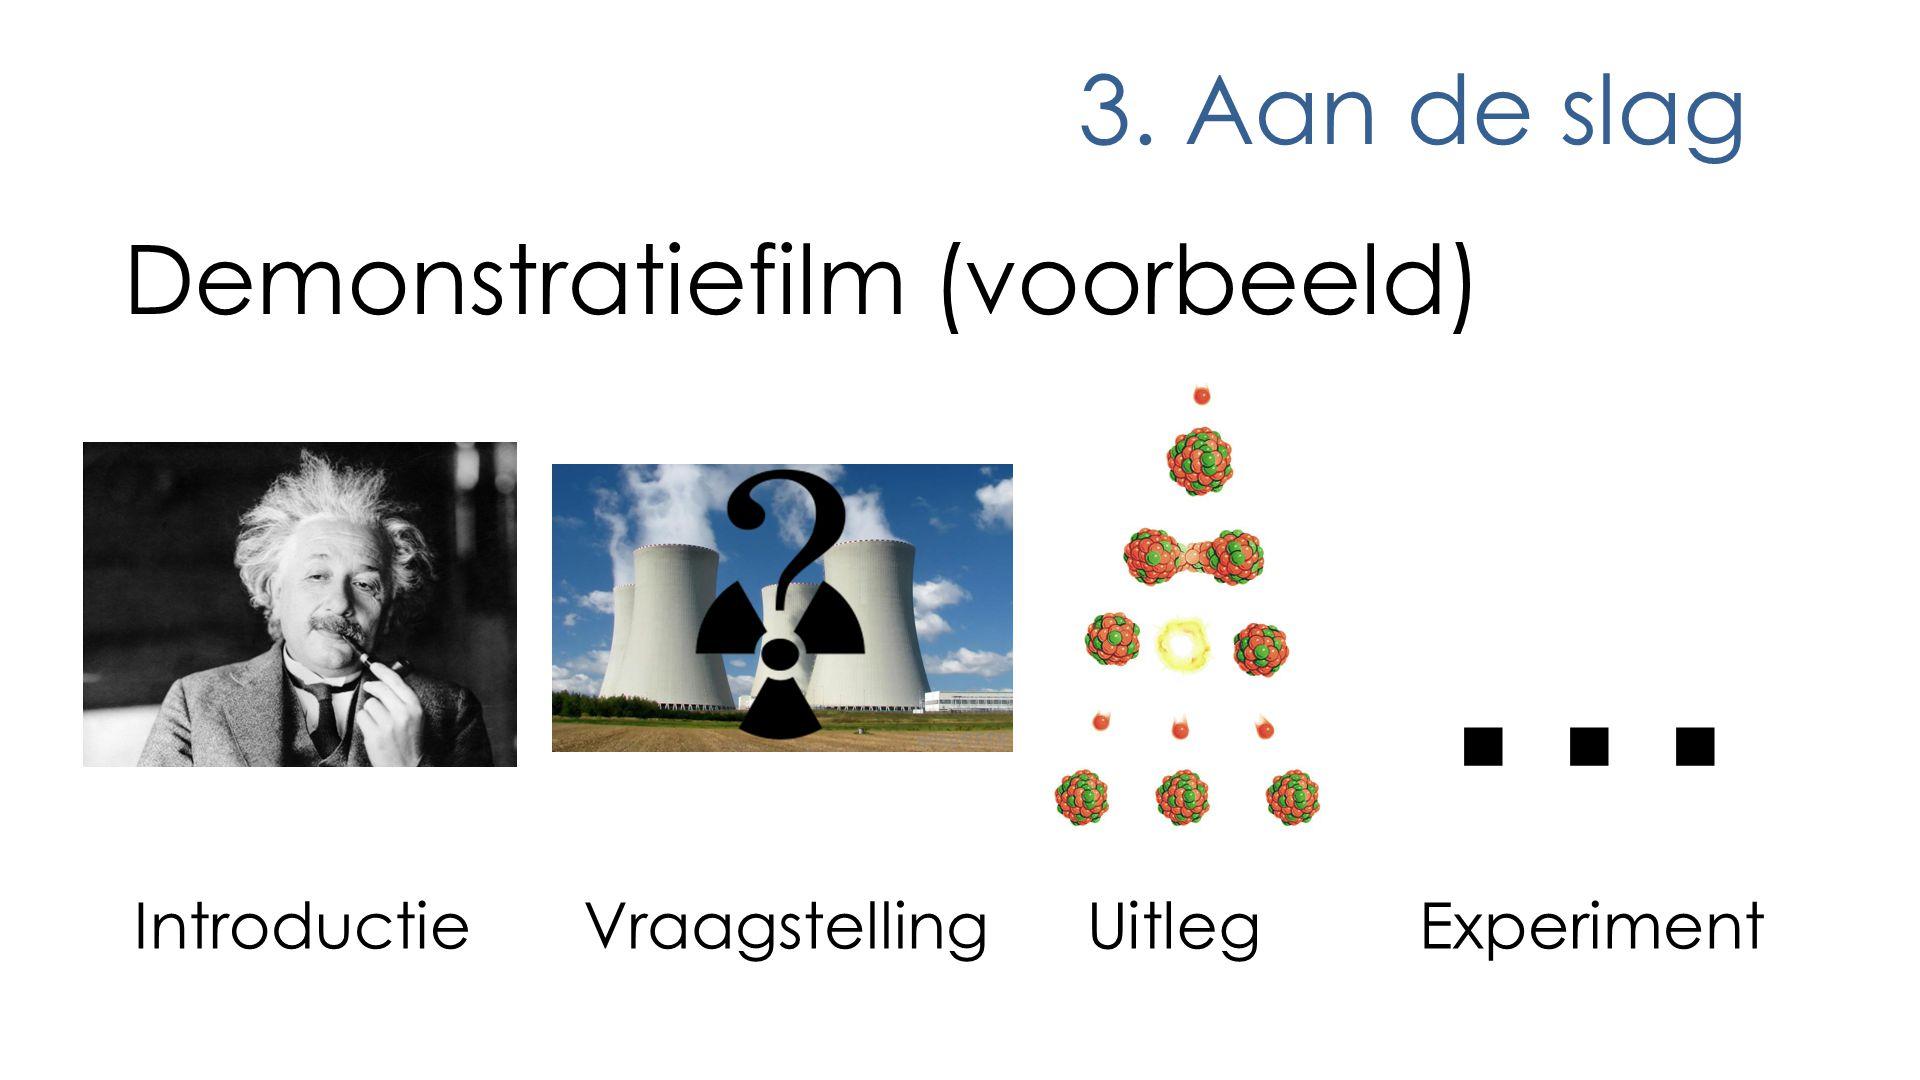 ... 3. Aan de slag Demonstratiefilm (voorbeeld) Introductie